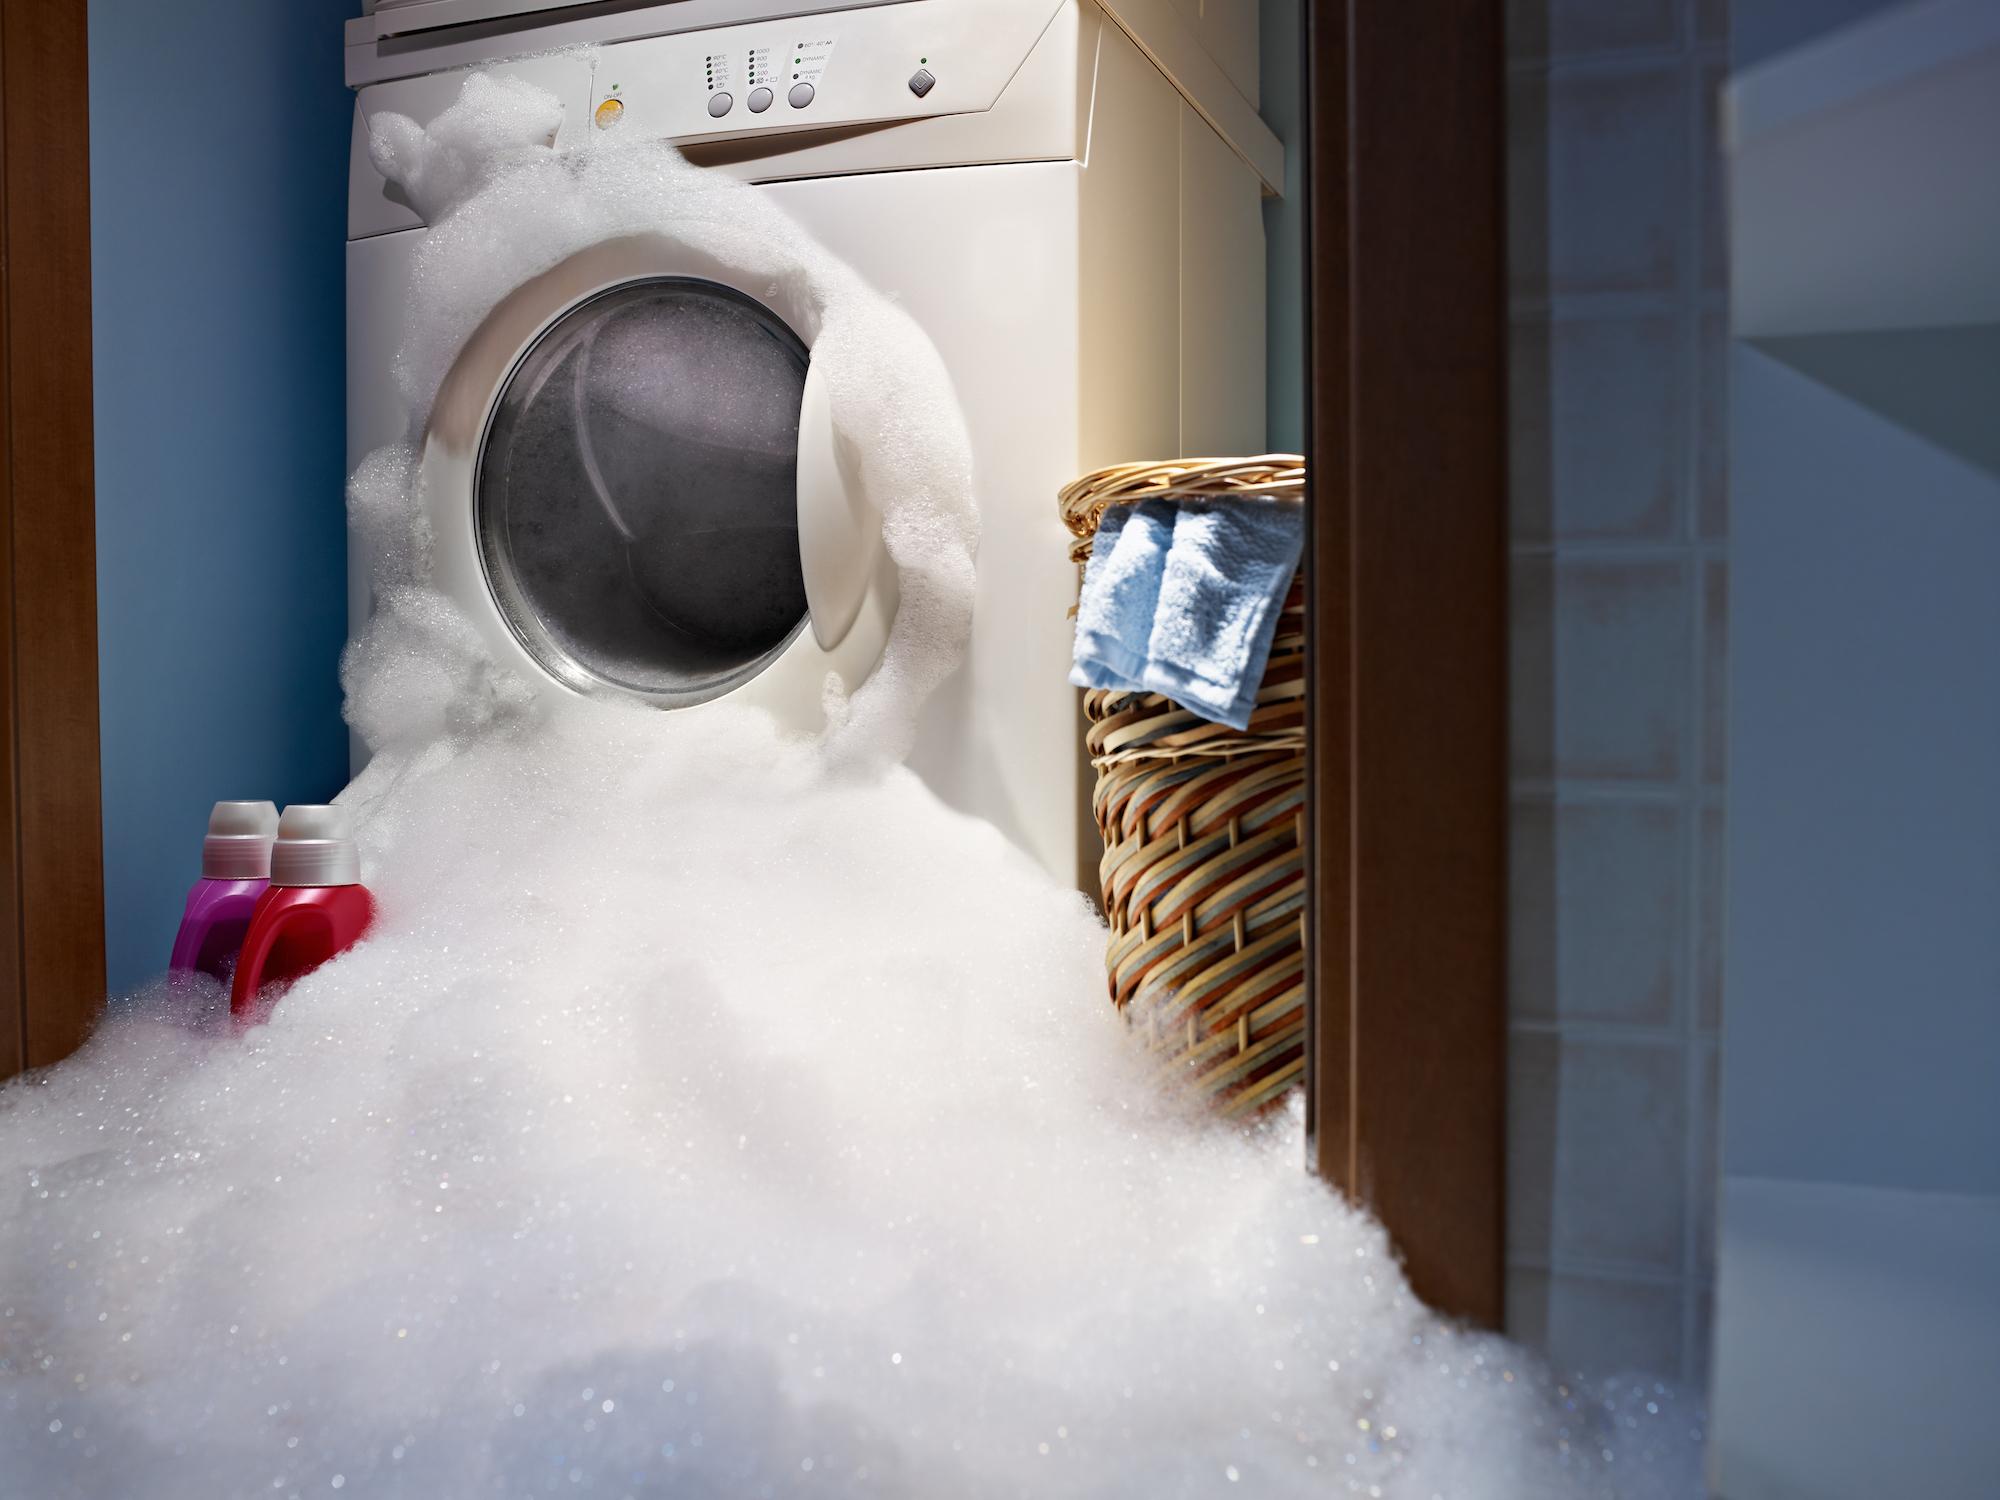 waschmaschine pumpt nicht ab wir testen waschmaschinen. Black Bedroom Furniture Sets. Home Design Ideas